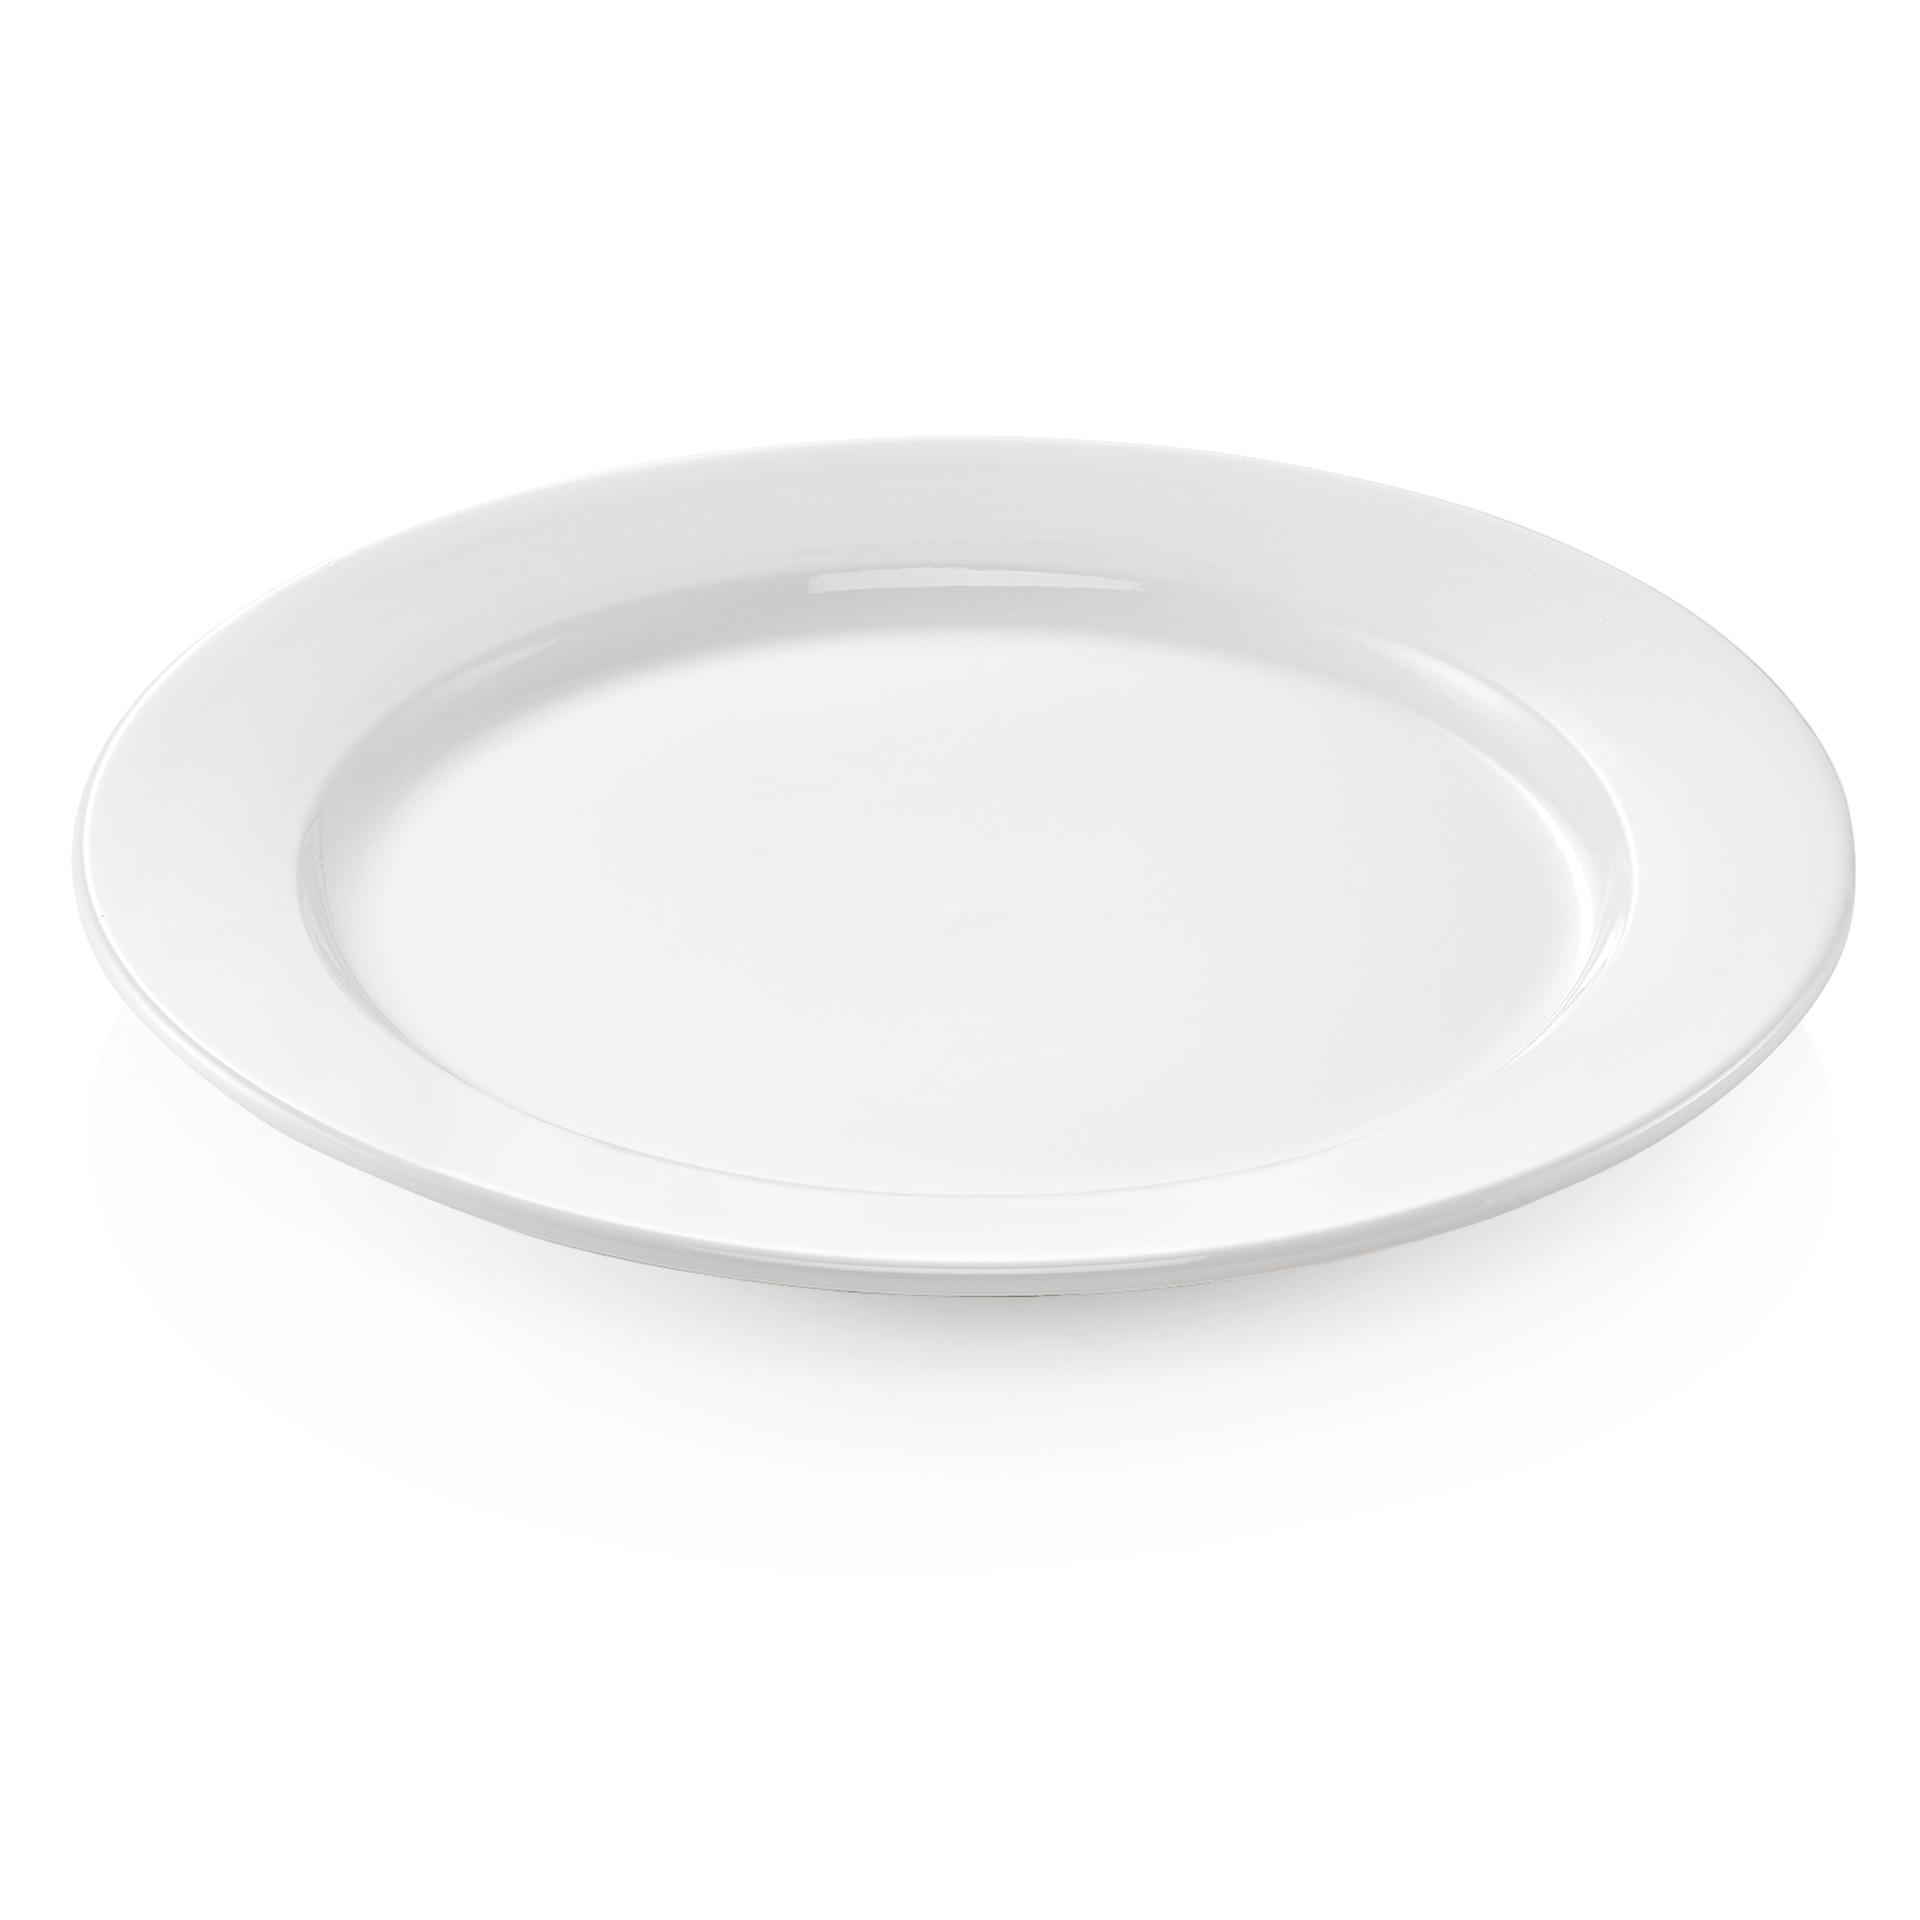 porzellan teller flach 30cm einfach im shop bestellen gastro billig gastronomie und